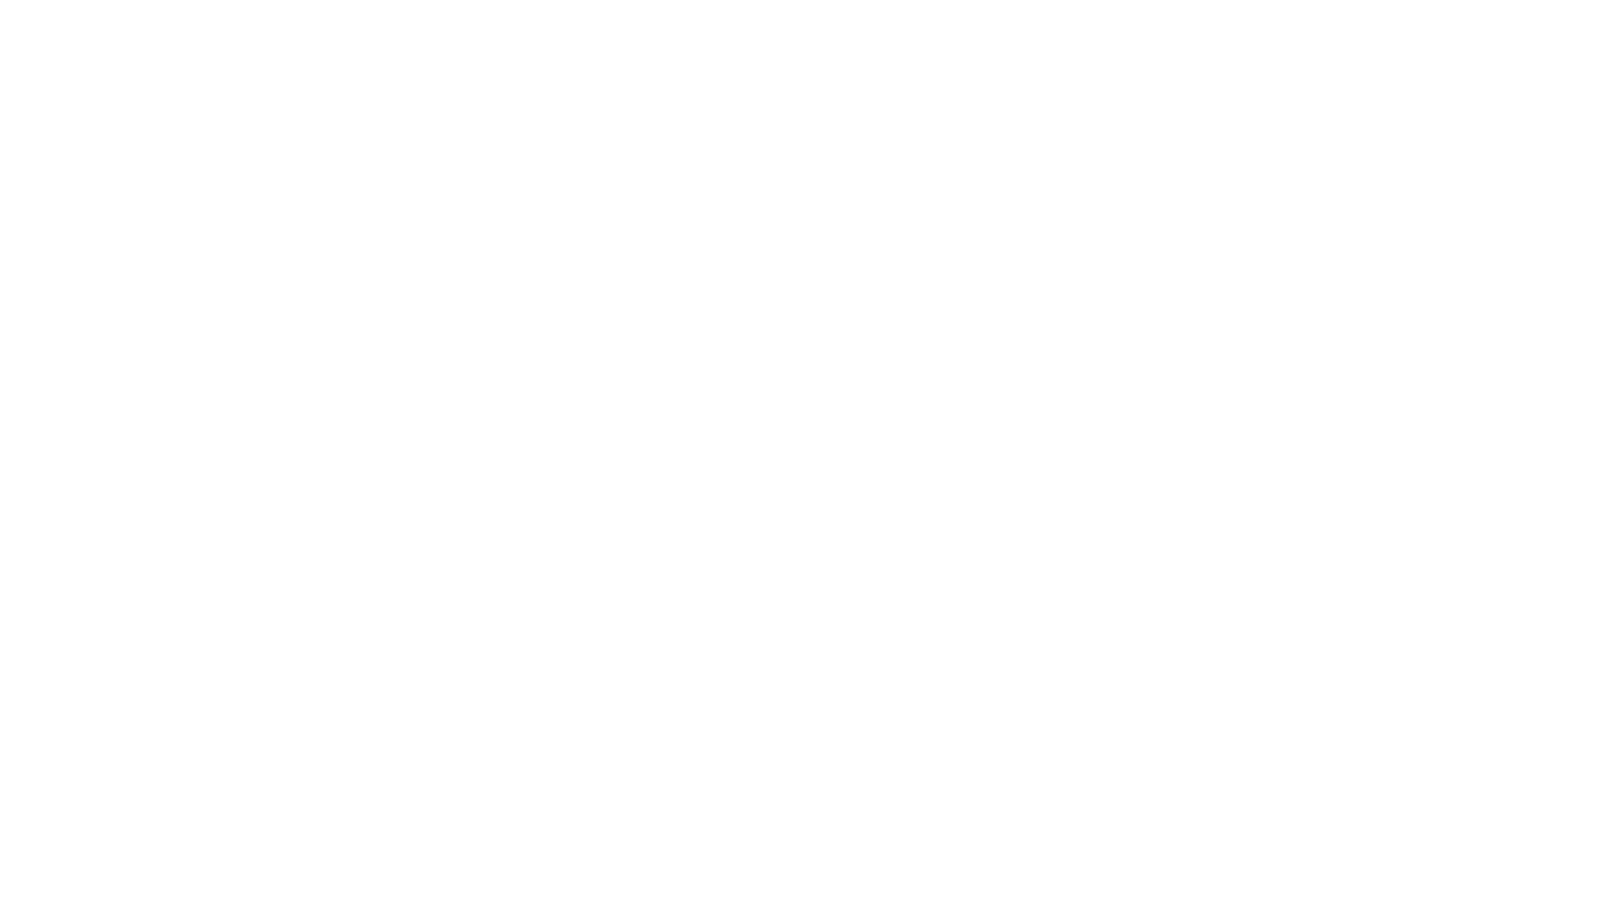 """O Recital Sempre-Viva 2020 - Cantos e Cordas - traz, dessa maneira online, um pouco da alegria da música cantada e tocada pelas crianças da escola.  Cada uma está de parabéns pela participação neste recital que, do seu jeitinho especial, deixa o mundo e a vida um tantinho mais feliz.   """" Cantá cum muitos amigos Qui a vida canta mio É im bando qui os passarim Cantano disperta o só  Cantá, cantá sempri mais: Di tardi, di noiti i di dia Cantá, cantá qui a paiz Carece de mais cantoria  Cantá seja lá cumu fô Si a dô fô mais grandi qui o peito, Cantá bem mais forti qui a dô """" (Tradição Oral Brasileira - Gildes Bezerra - Vele do Jequitinhonha, das Gerais)  Escola Sempre-Viva: educação centrada na ciência, na cultura e na arte.  Instagram: https://www.instagram.com/escolasempreviva/ Facebook: https://www.facebook.com/semprevivaescola/ Site: https://www.escolasempreviva.com.br email: contato@escolasempreviva.com.br fone: (83) 3244.6042  João Pessoa - Paraíba"""